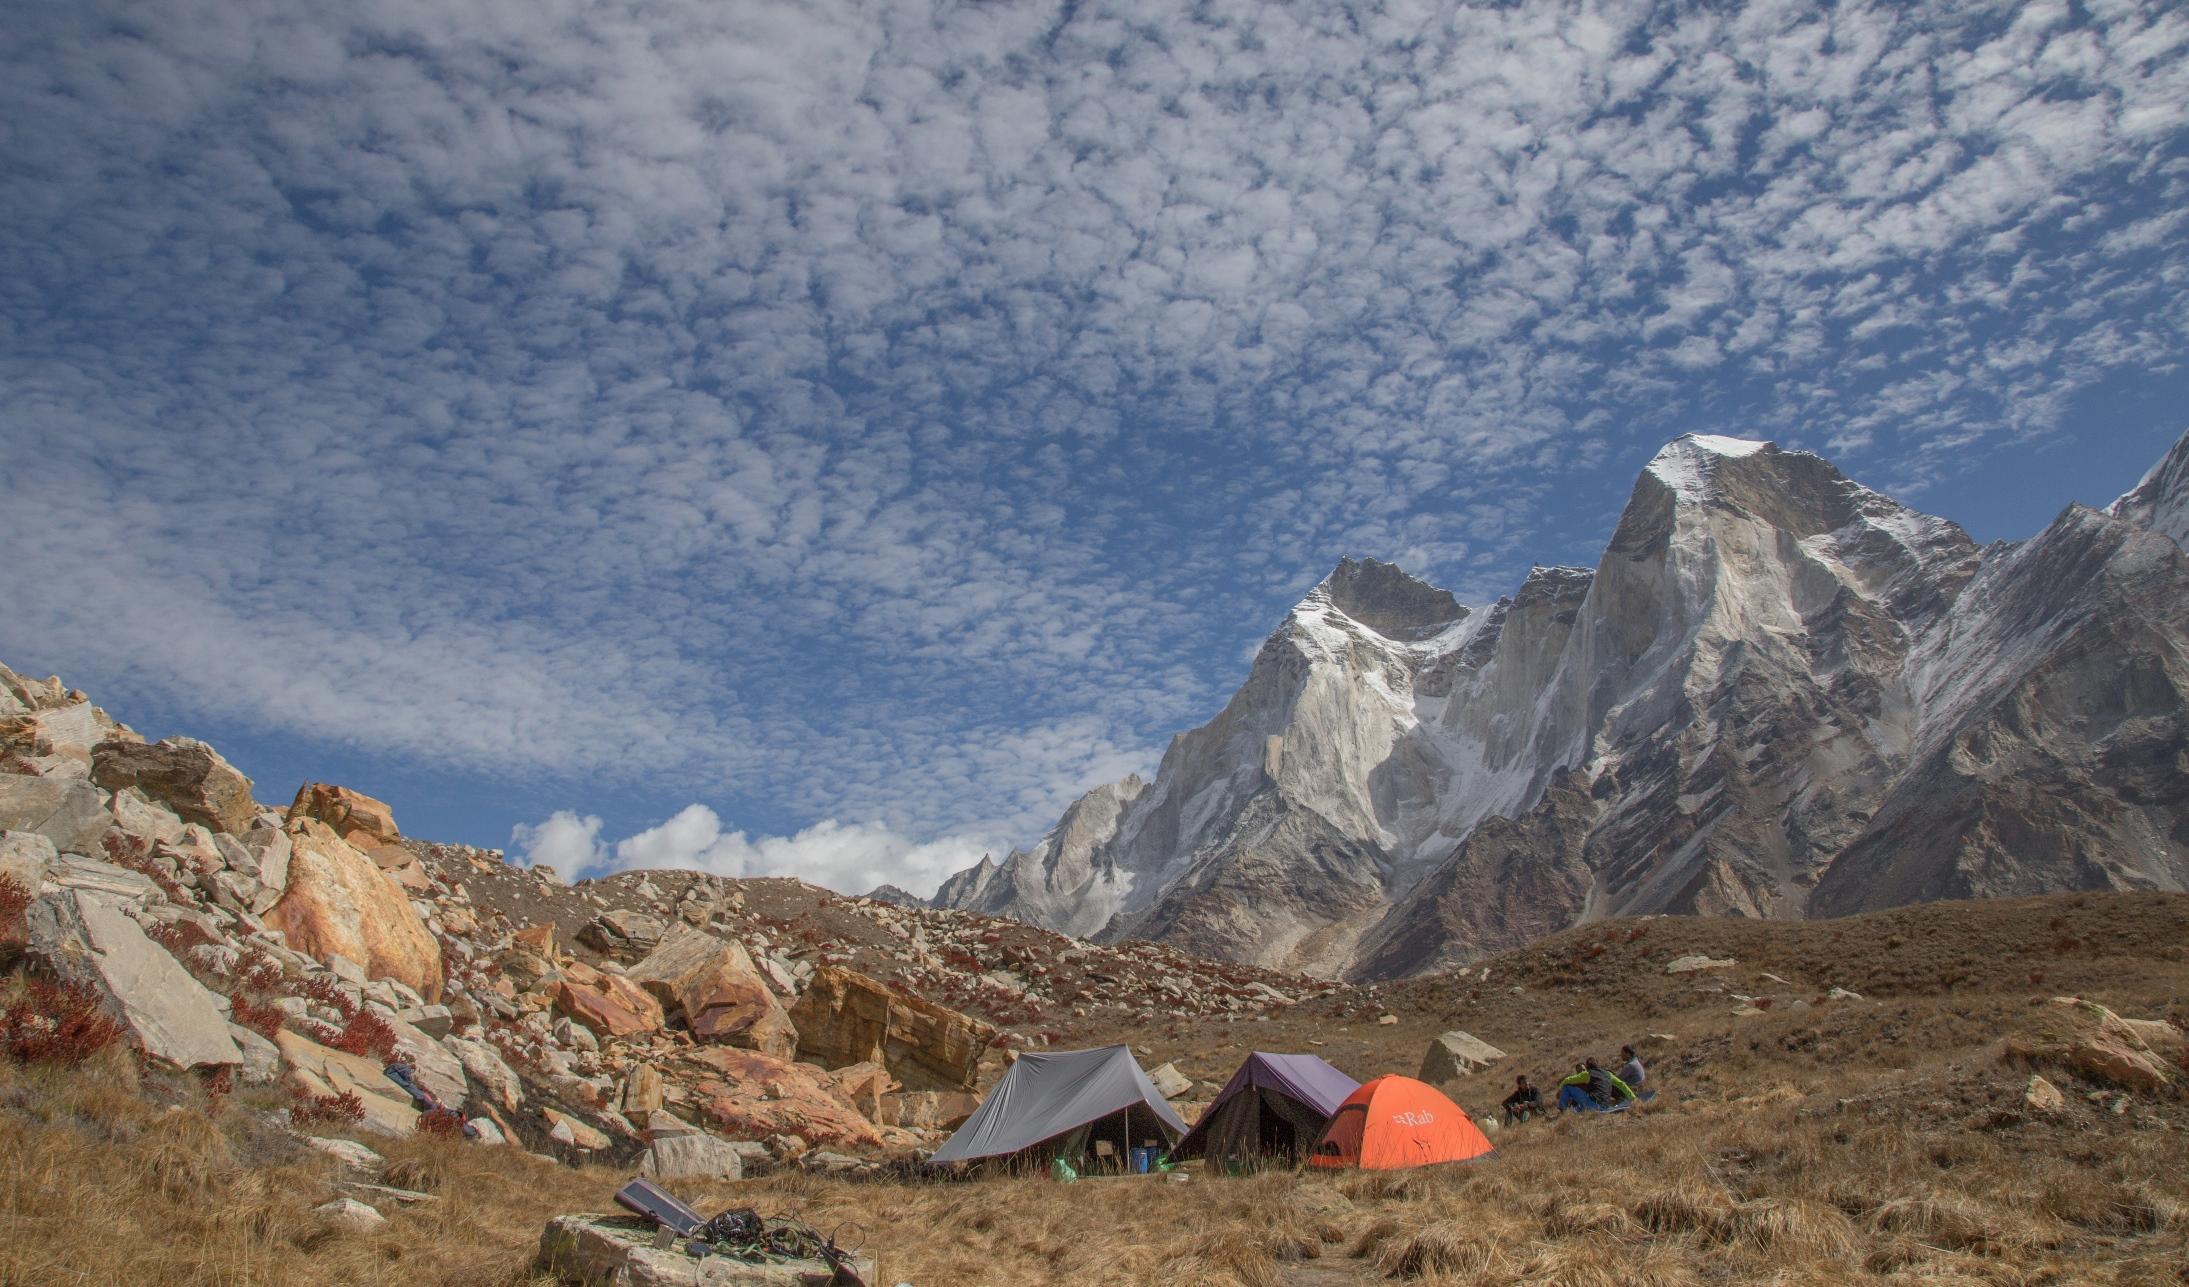 Baza w Himalajach Przewodnictwo wysokogórskie